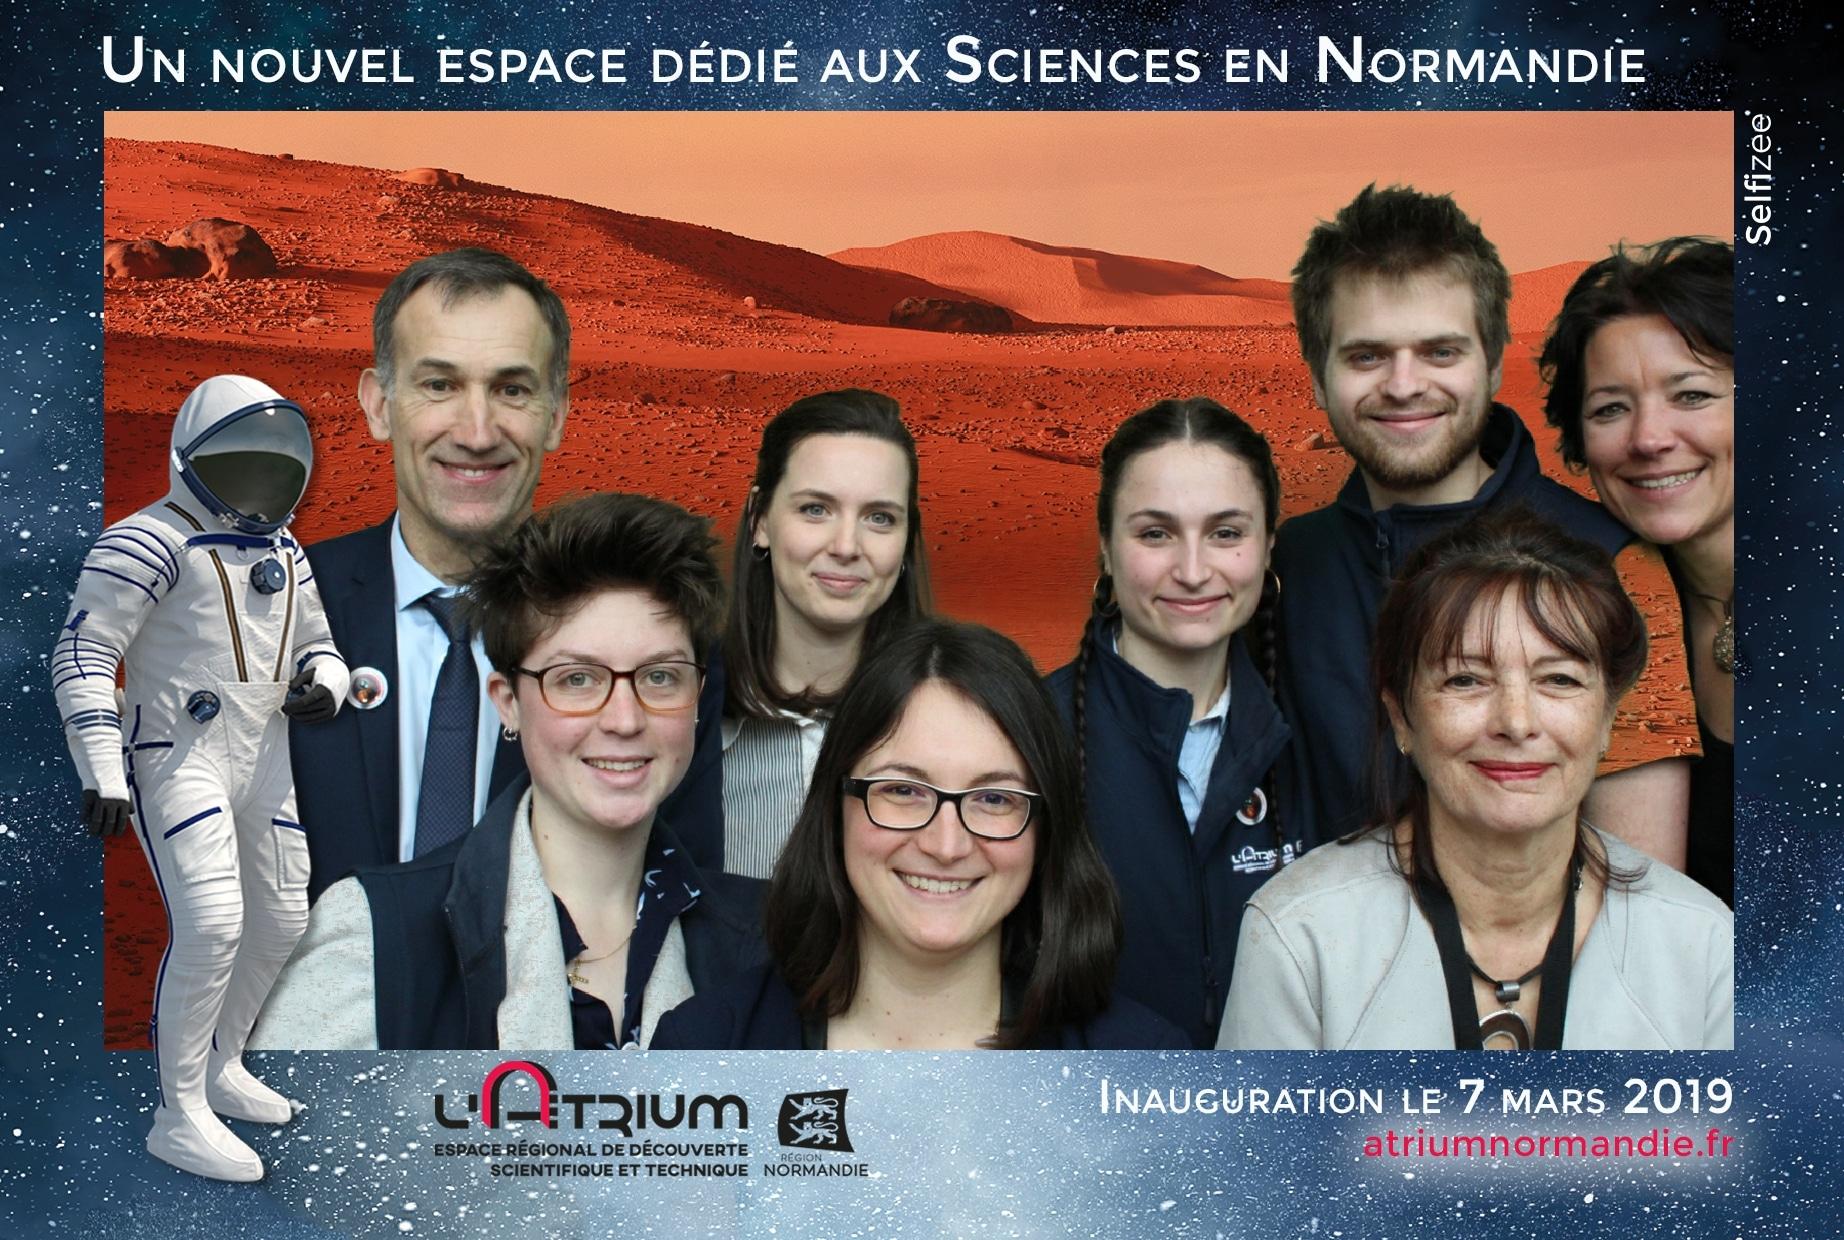 Borne selfie et animation fond vert pour soirée inauguration nouvel espace au L'Atrium Normandie à Rouen